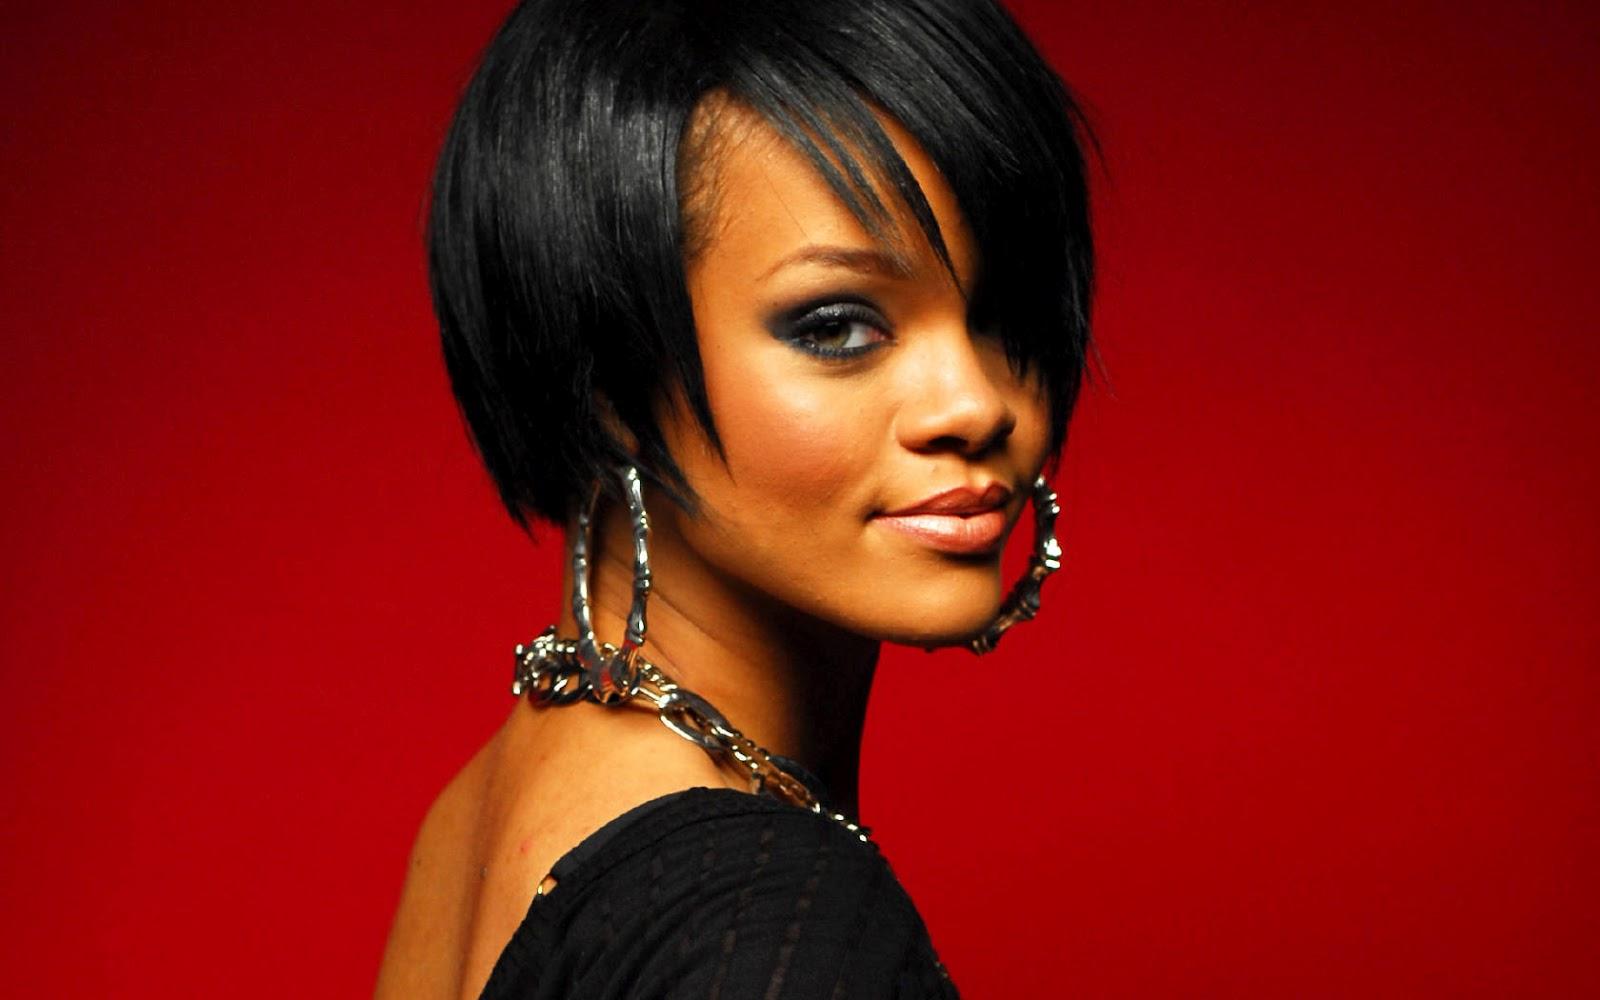 Lemon Lyrics – N.E.R.D & Rihanna